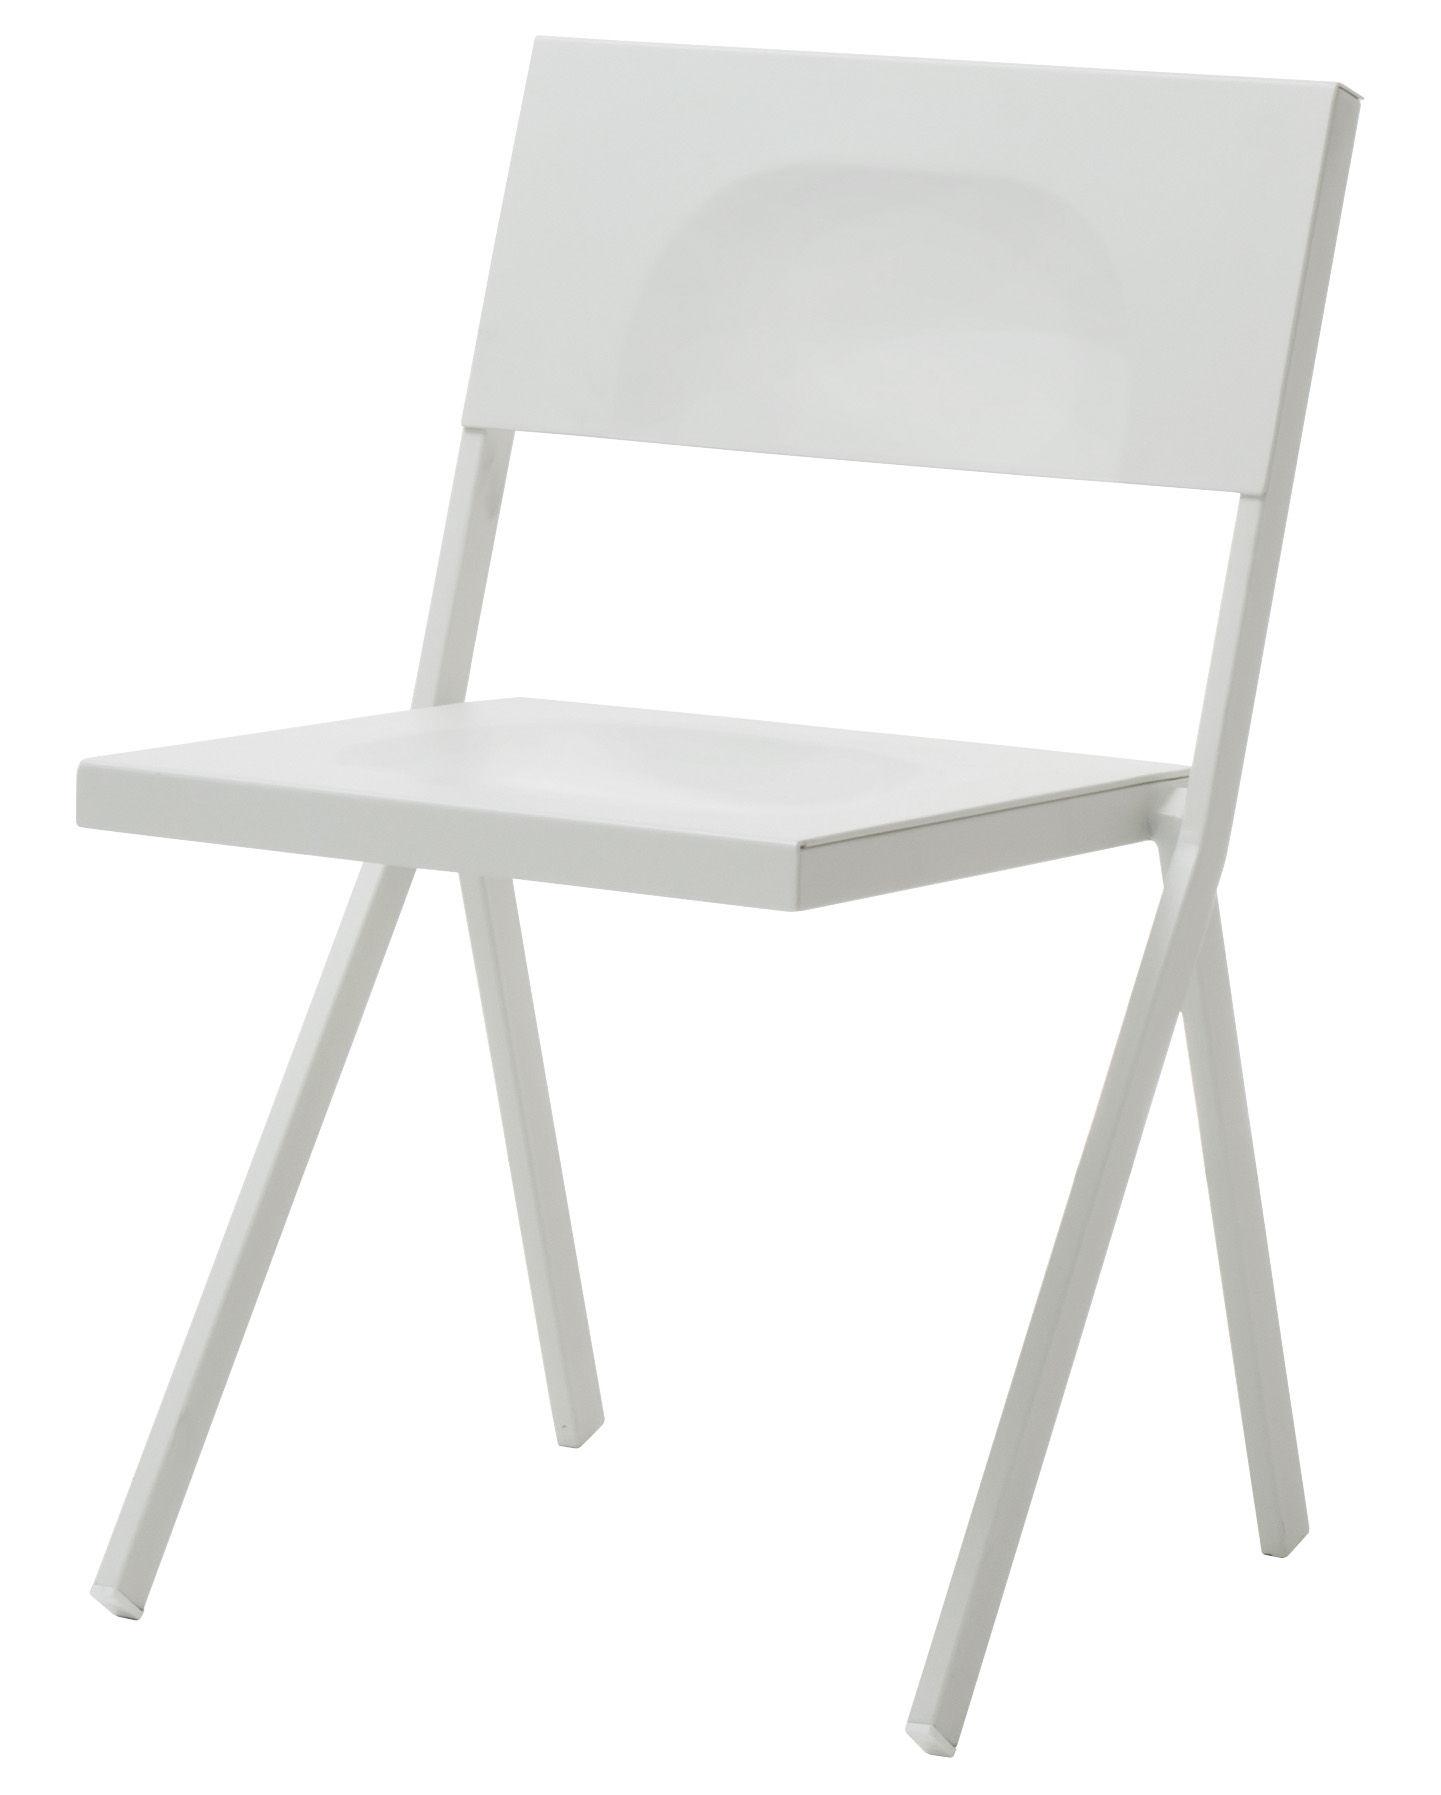 Arredamento - Sedie  - Sedia impilabile Mia di Emu - Bianco - Acciaio, Alluminio